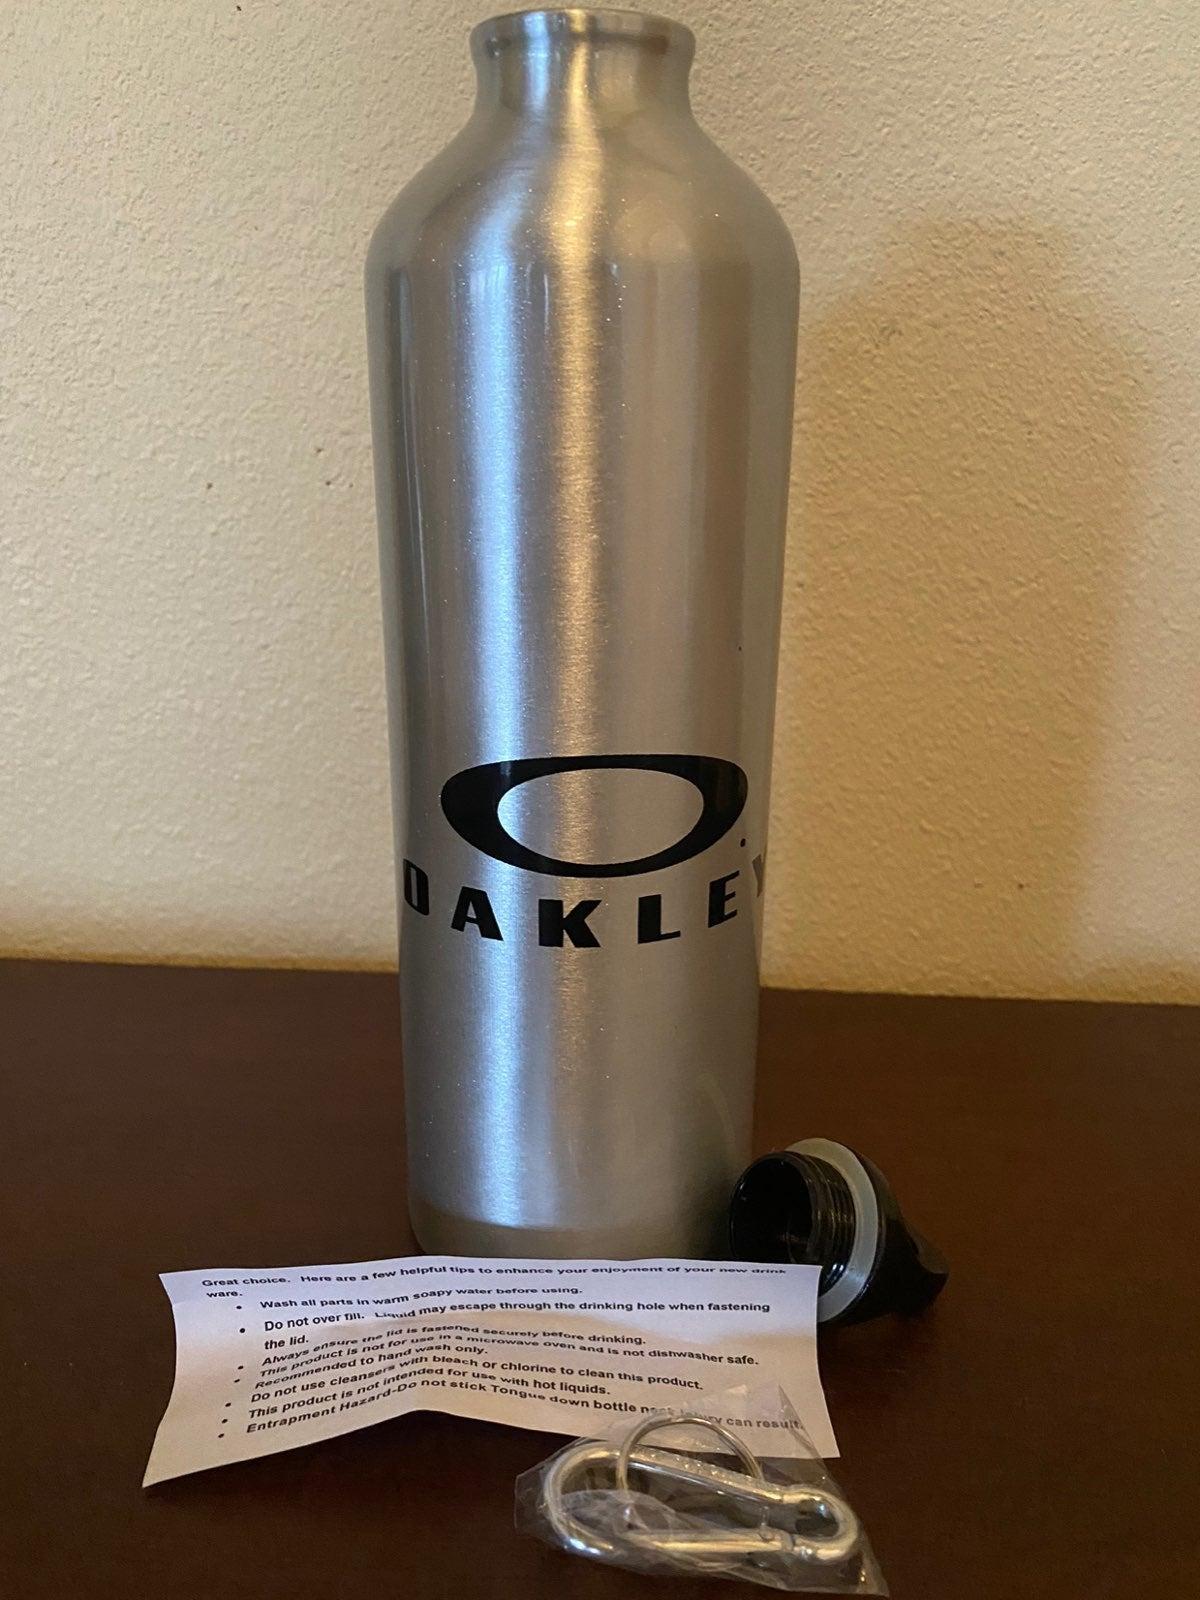 Oakley Aluminum BPA Free Water Bottle